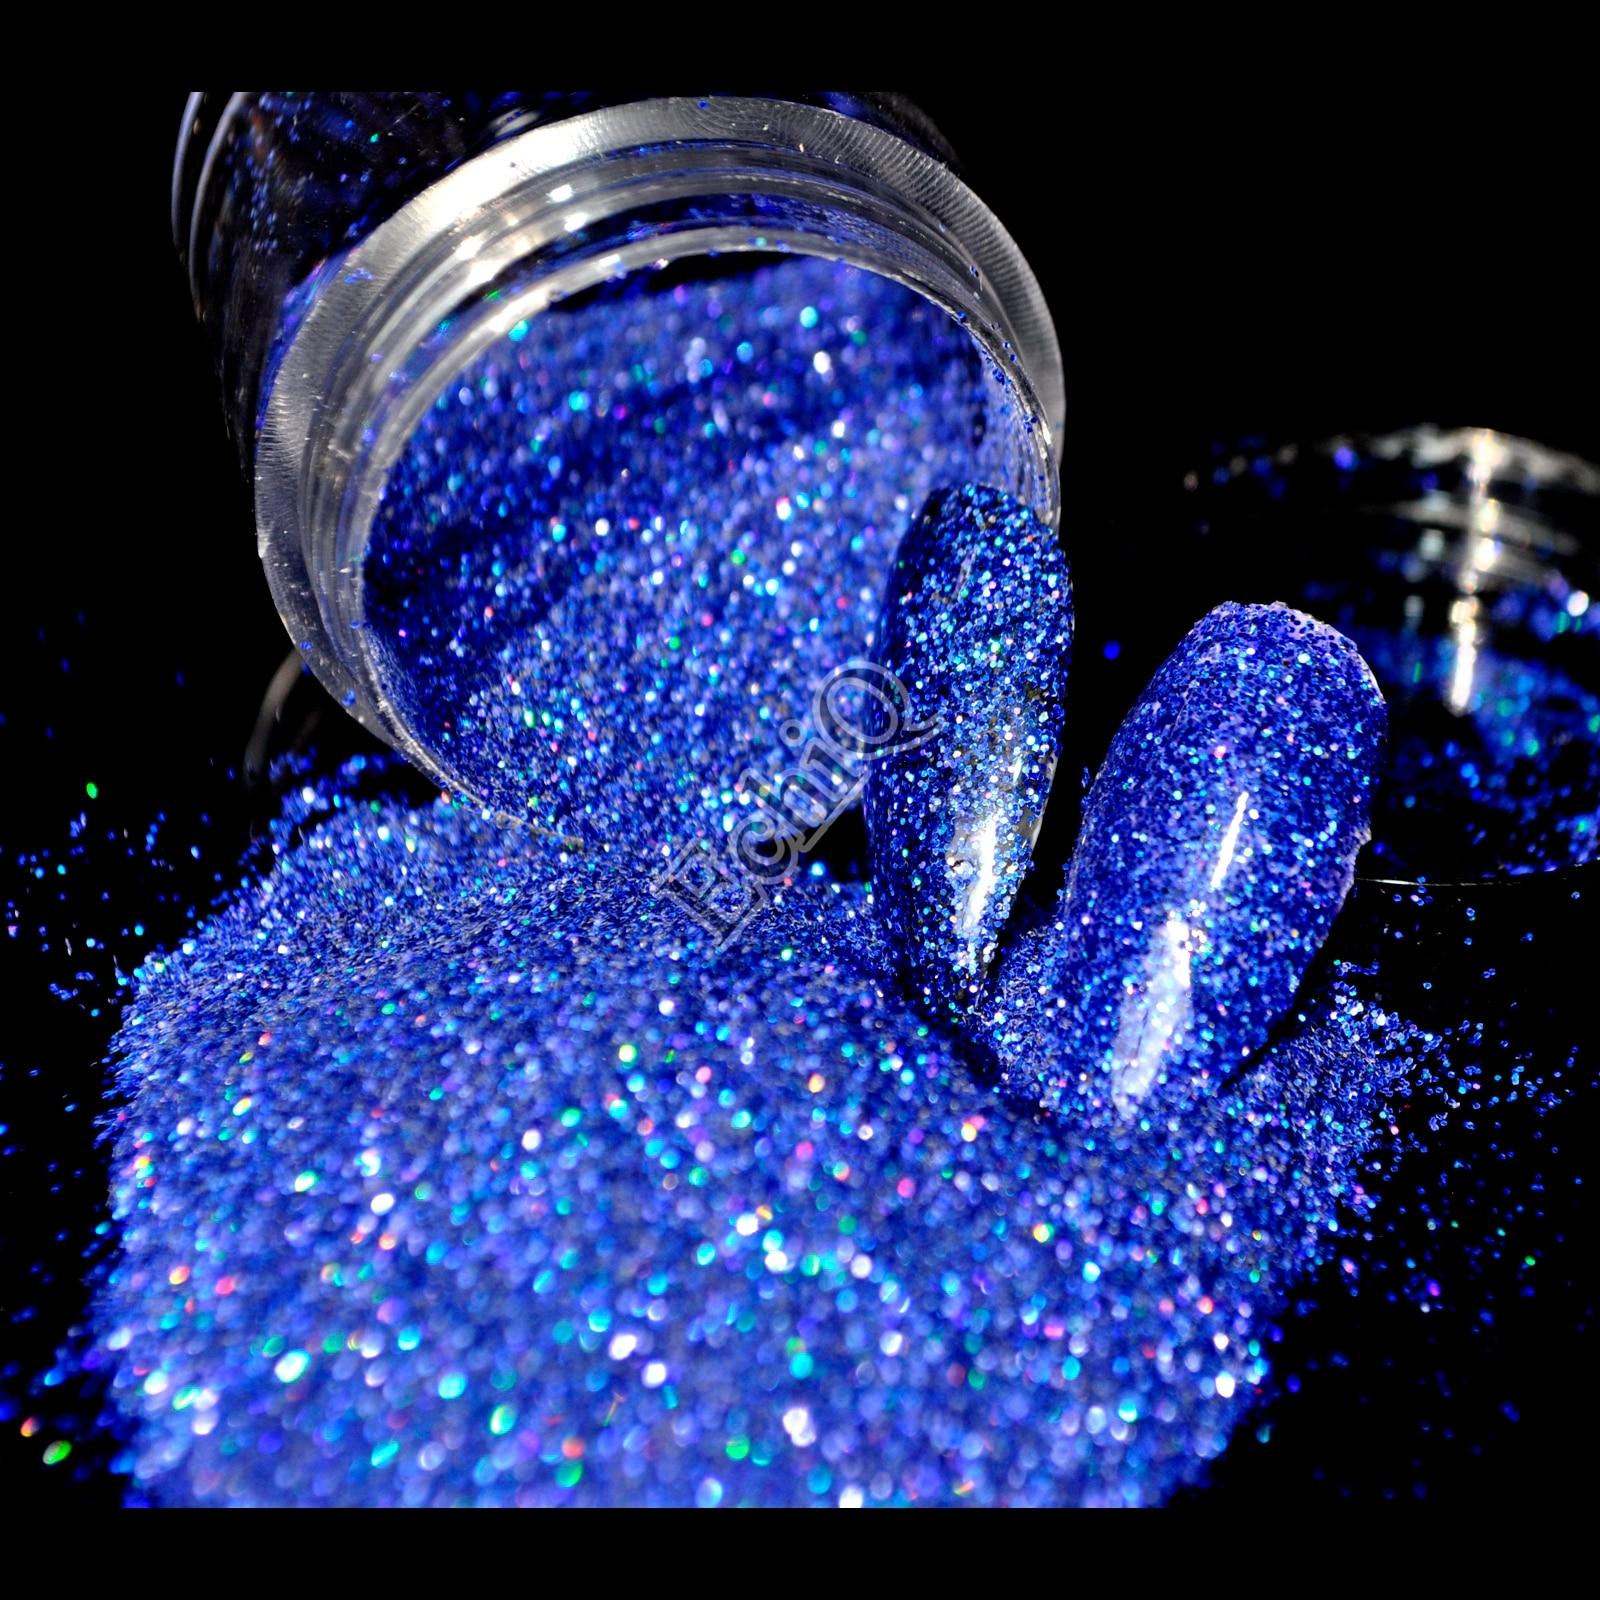 Schönheit & Gesundheit Nagelglitzer Schlussverkauf 1 Glas 0,2mm Glänzend Holographischen Nagel Glitter Pulver Laser Royal Blue Glitter Diy Uv Nail Art Staub Pigment N58 Keine Kostenlosen Kosten Zu Irgendeinem Preis